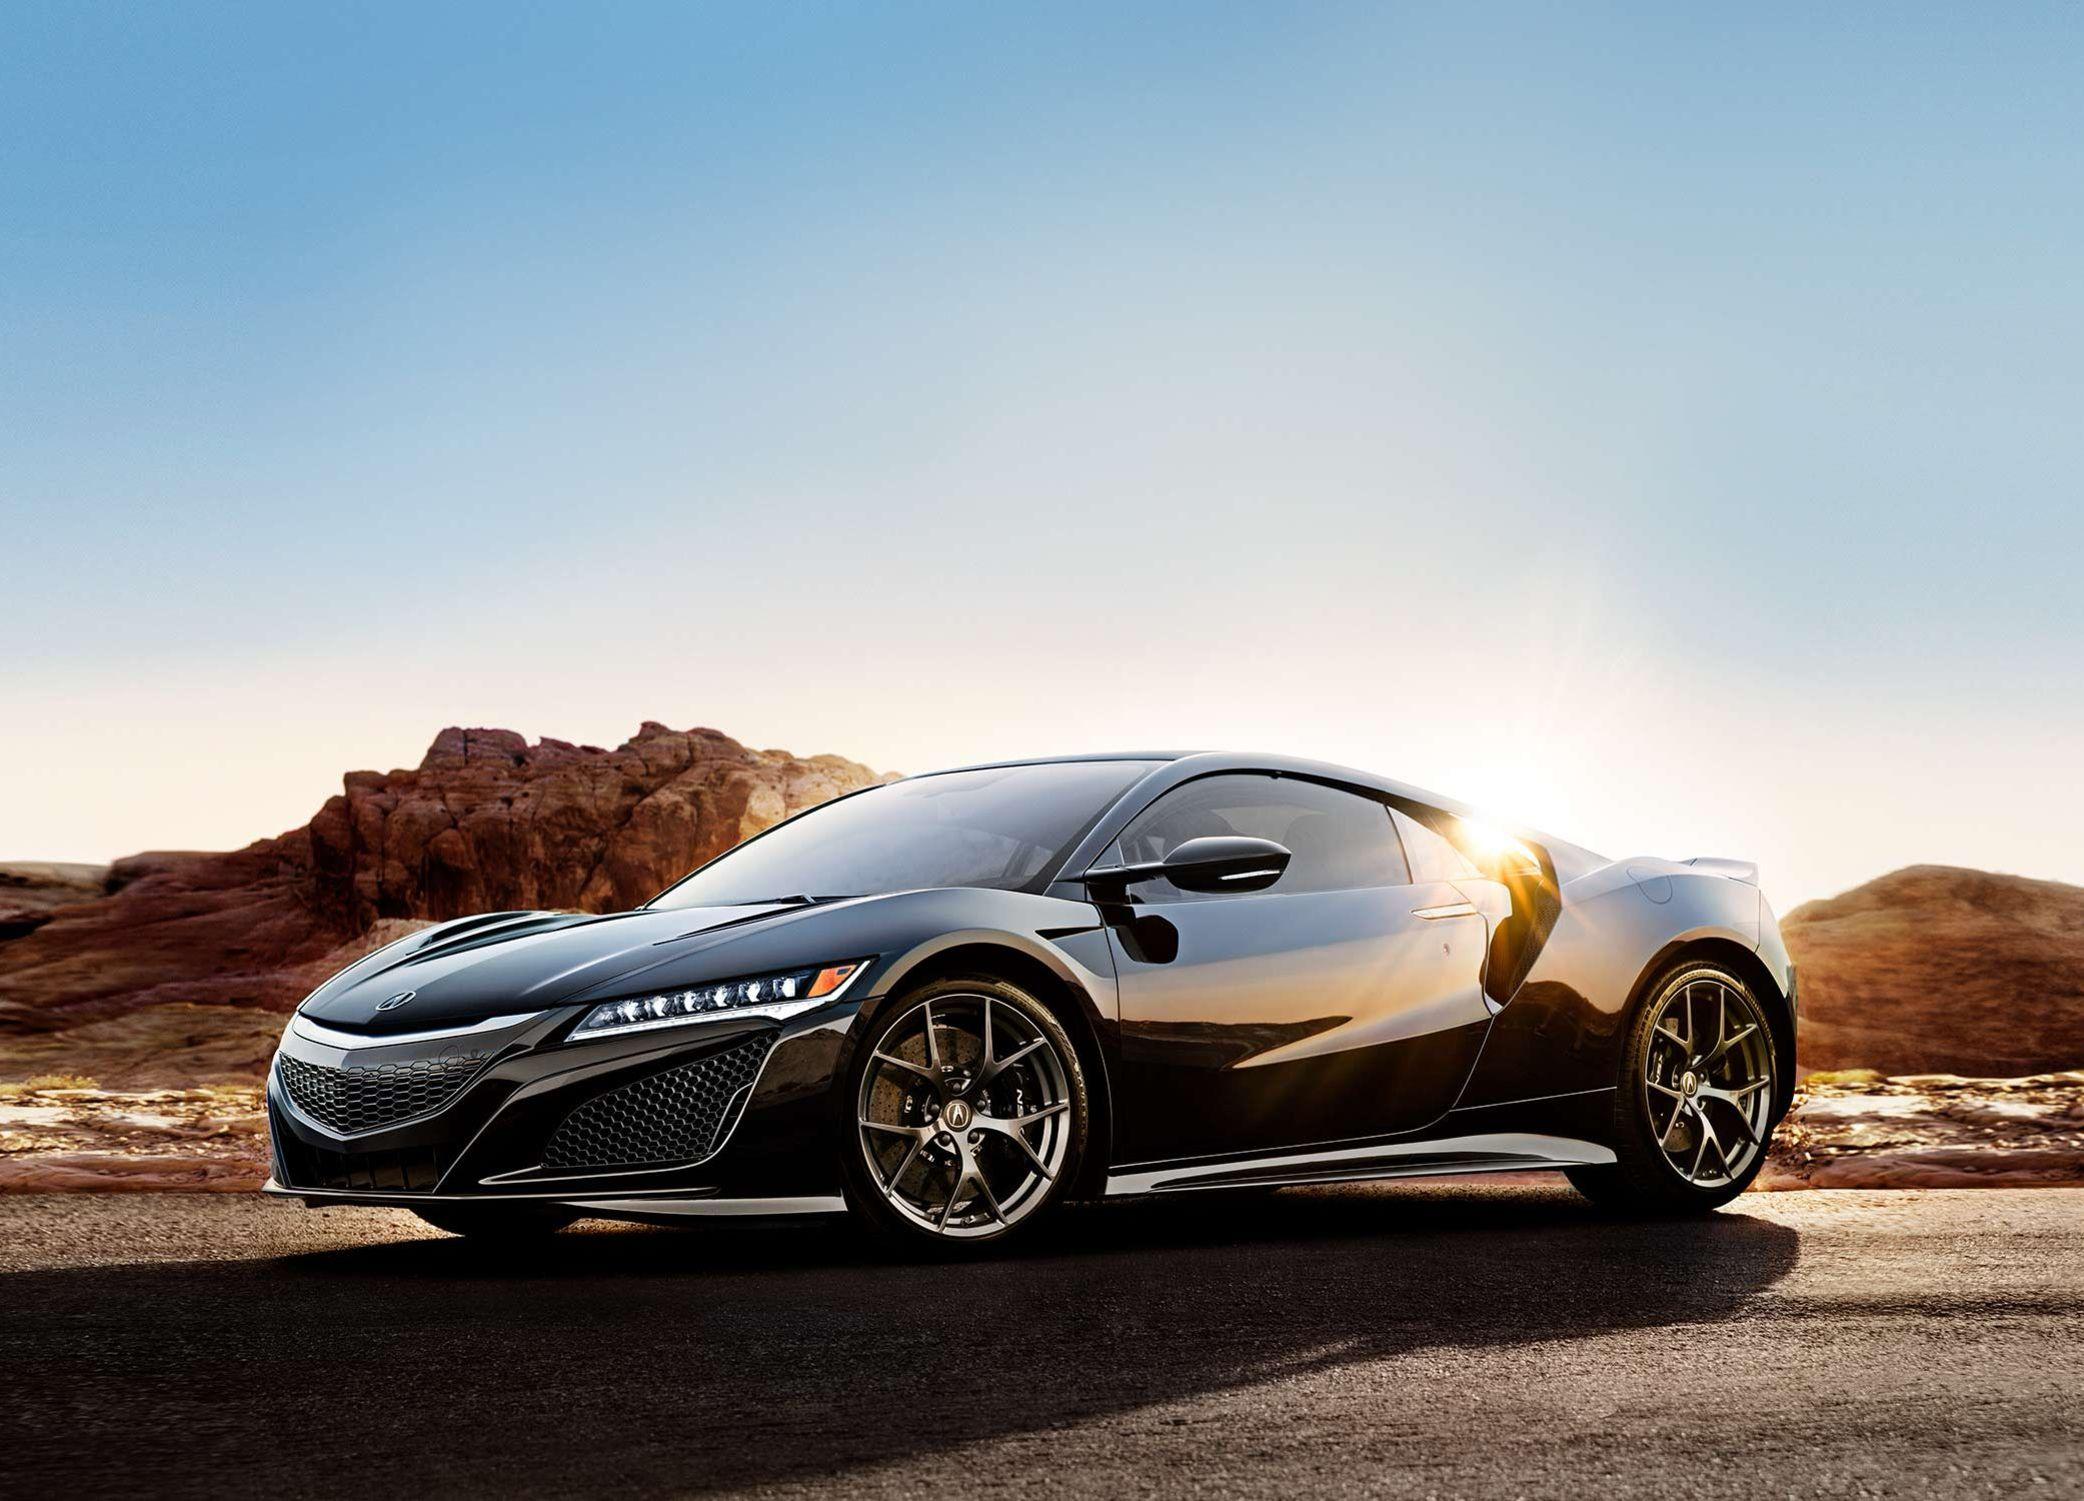 El Acura NSX deportivo híbrido